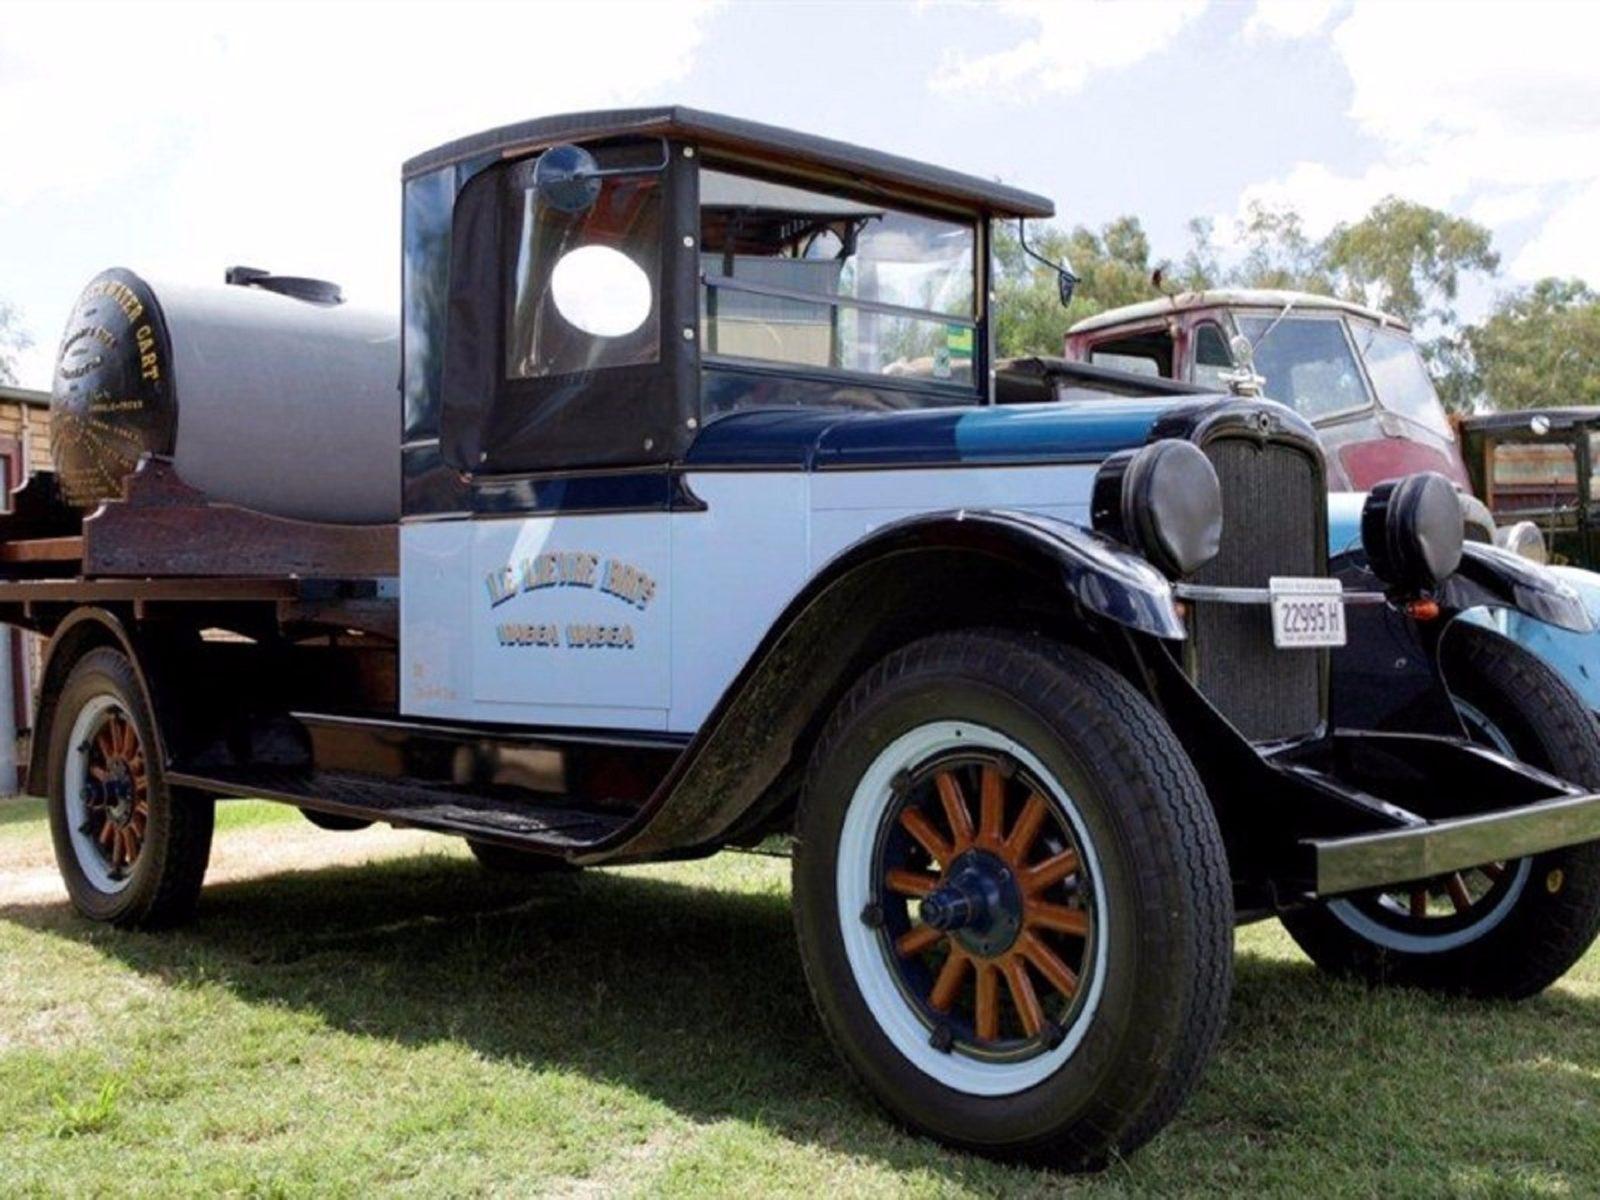 Lockhart Vintage Verandah Fest